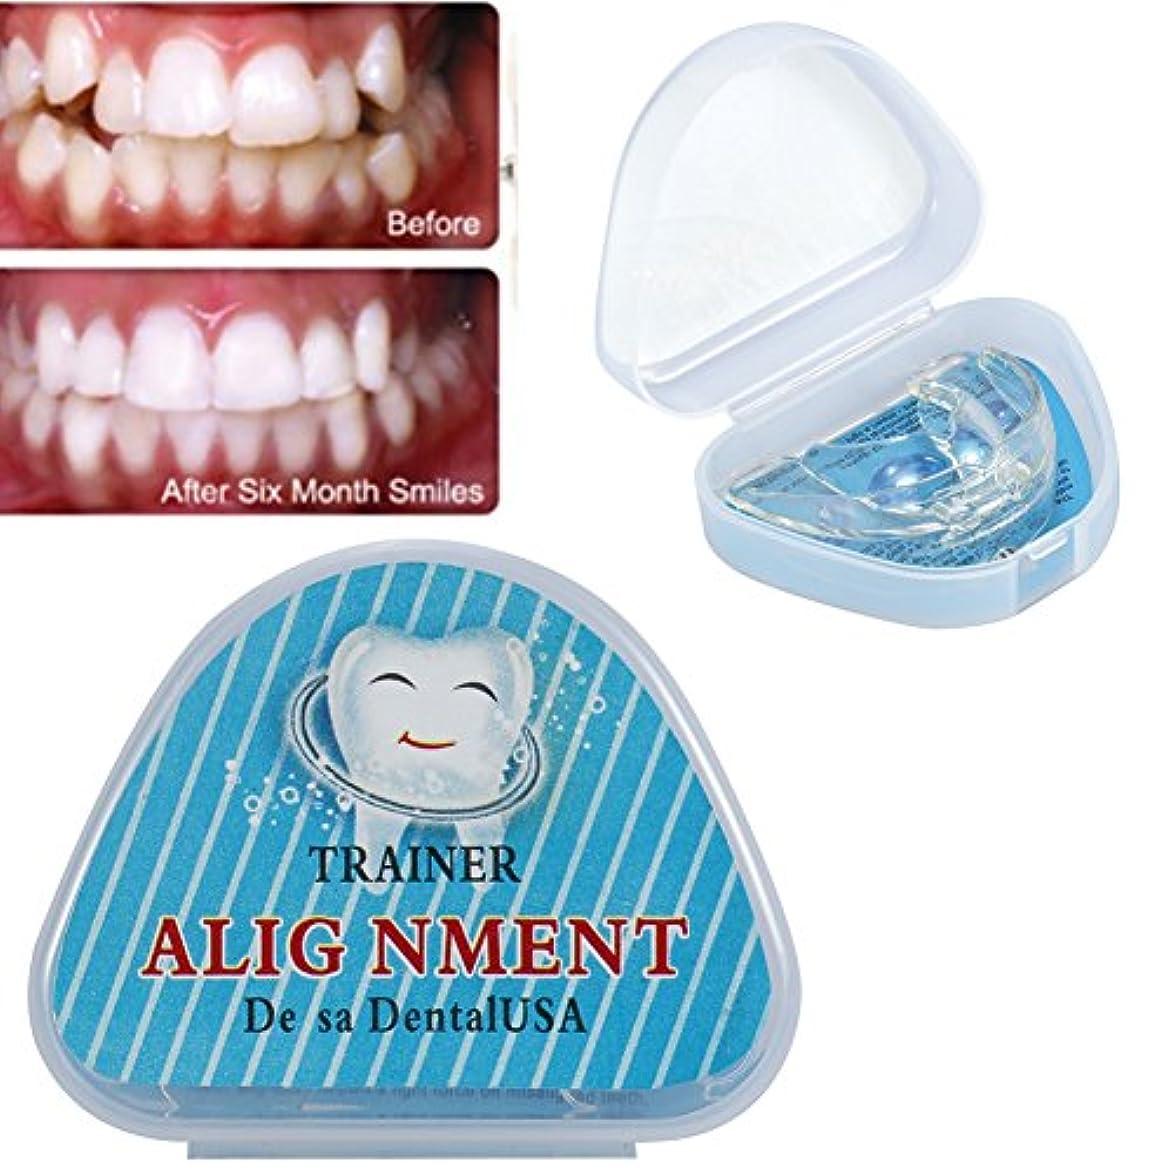 資産配分波紋Eboxer 歯 矯正 矯正器 デンタルマウスピース 矯正用リテーナー マウスピース 噛み合わせ 歯ぎしり いびき防止 予防 歯並び 矯正